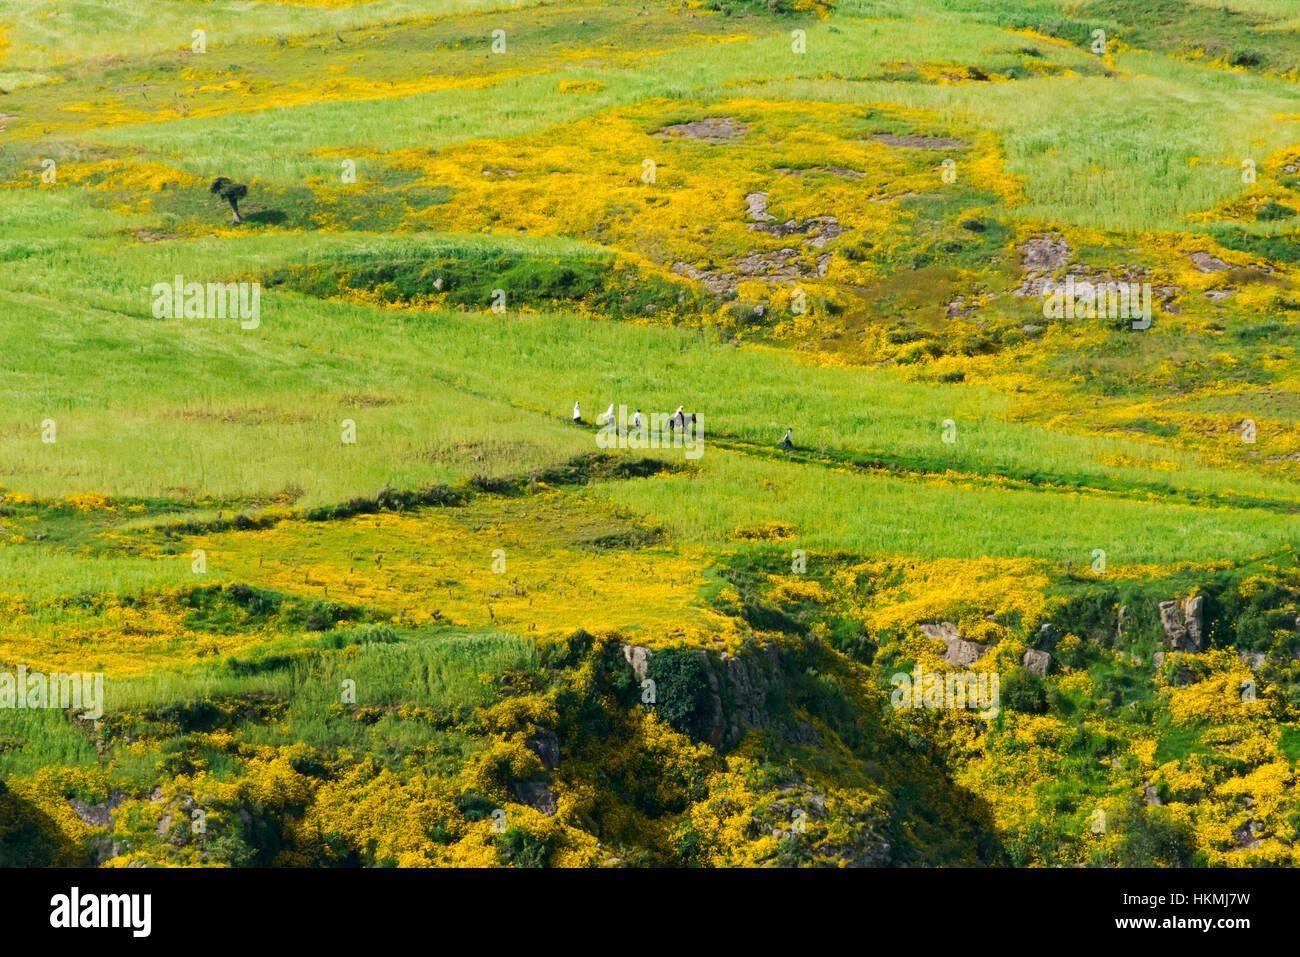 Farmland in Simien Mountain, Ethiopia - Stock Image